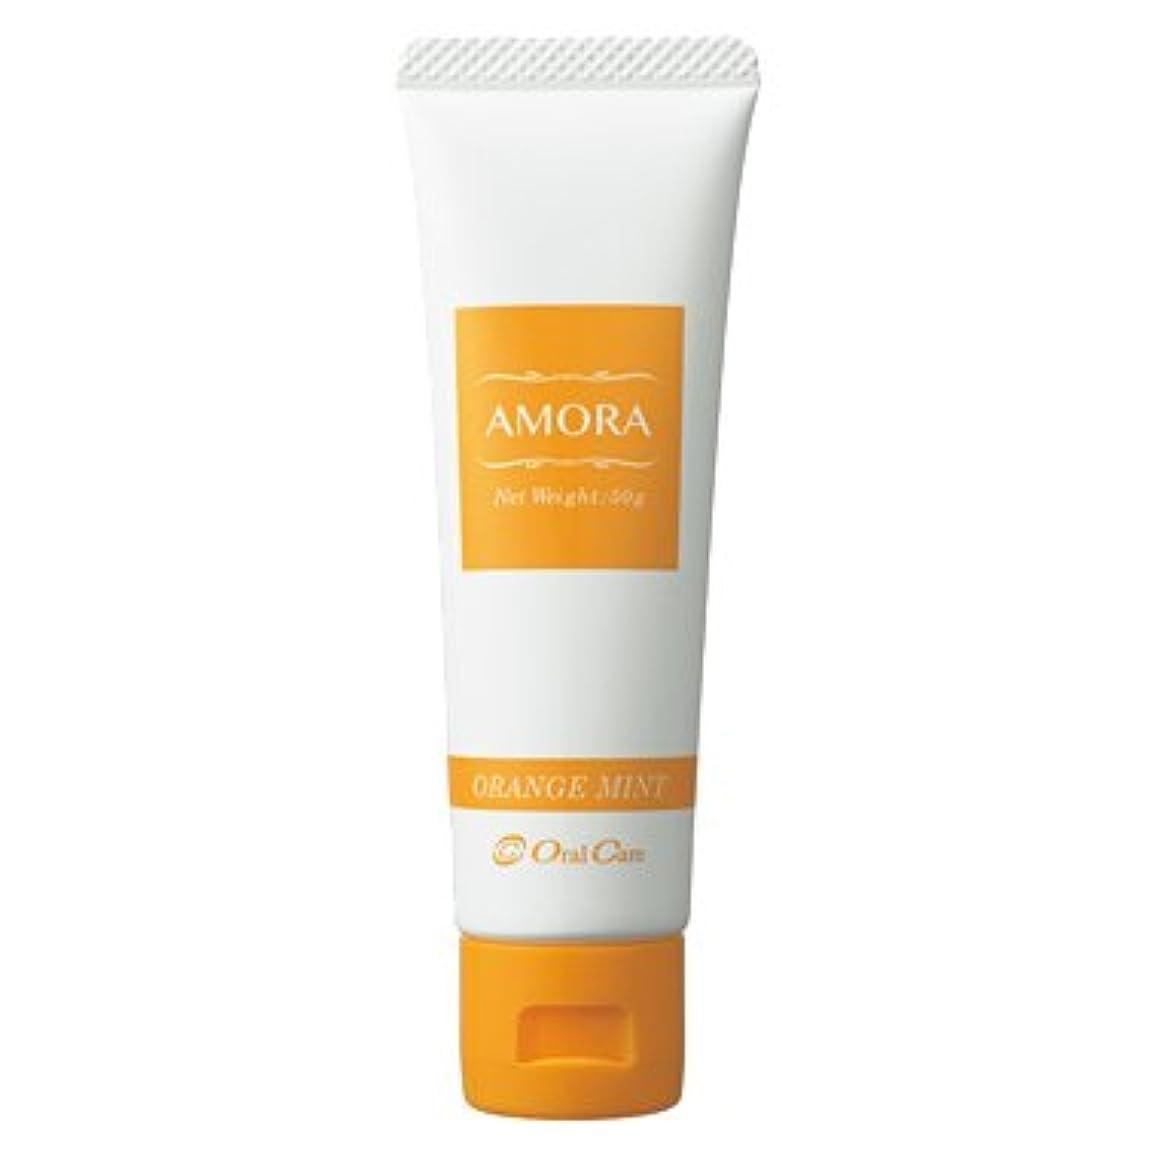 途方もないフォーム病弱オーラルケア 歯肉マッサージジェル AMORA アモーラ 50g (オレンジミント)